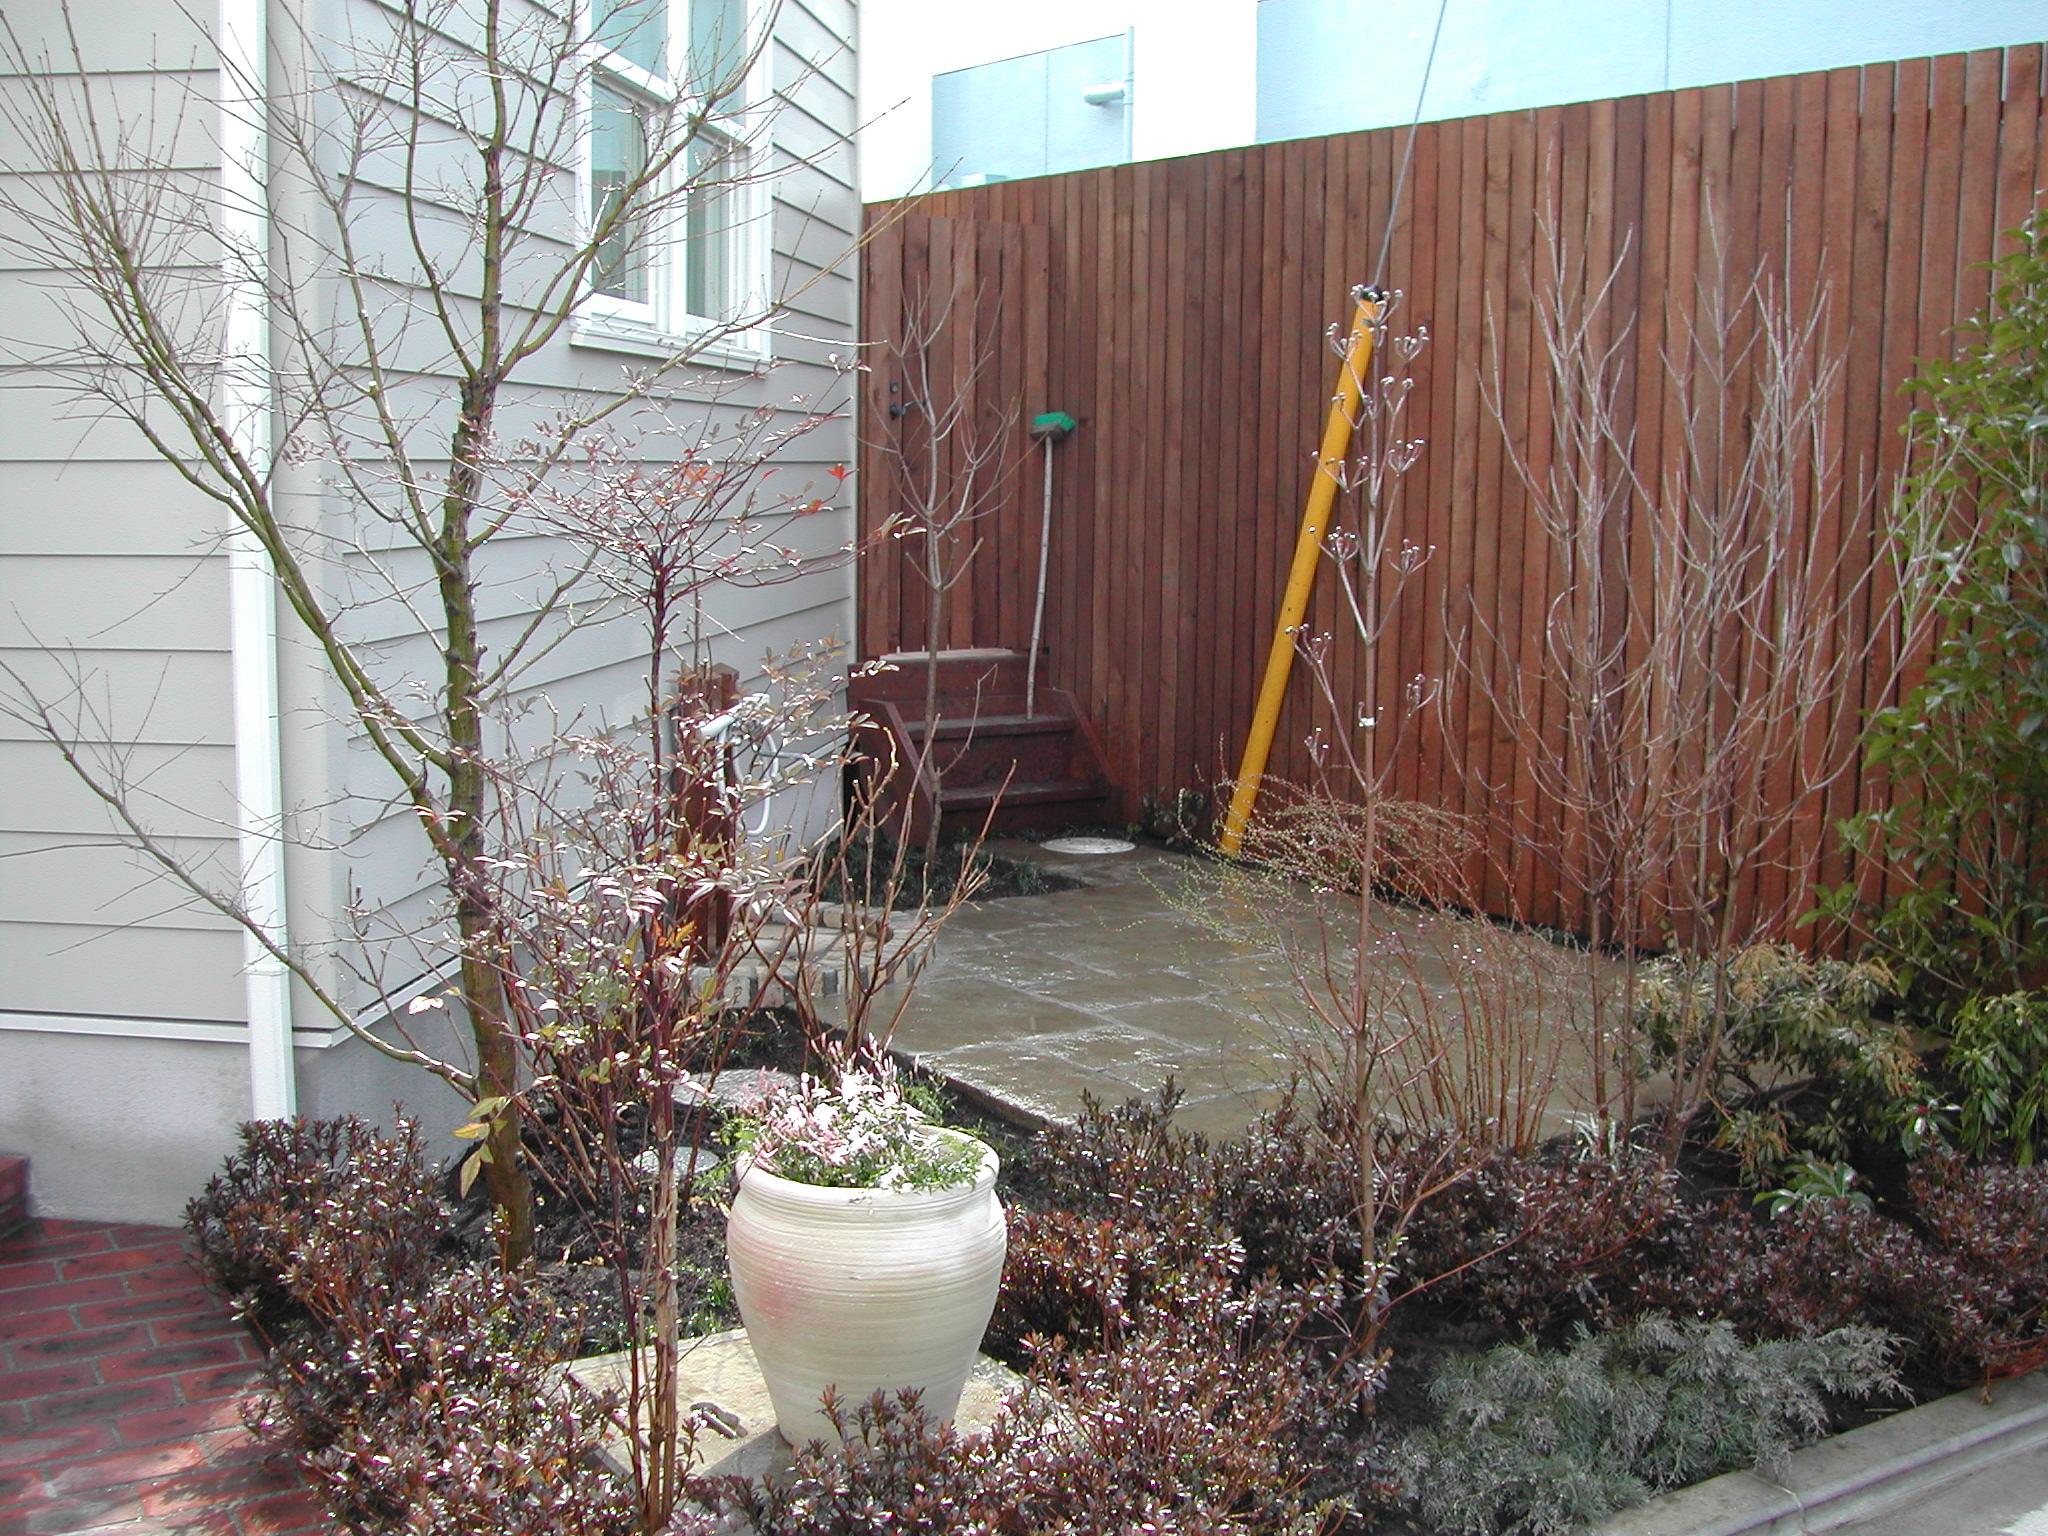 フェンス 石敷き踊り場 植栽